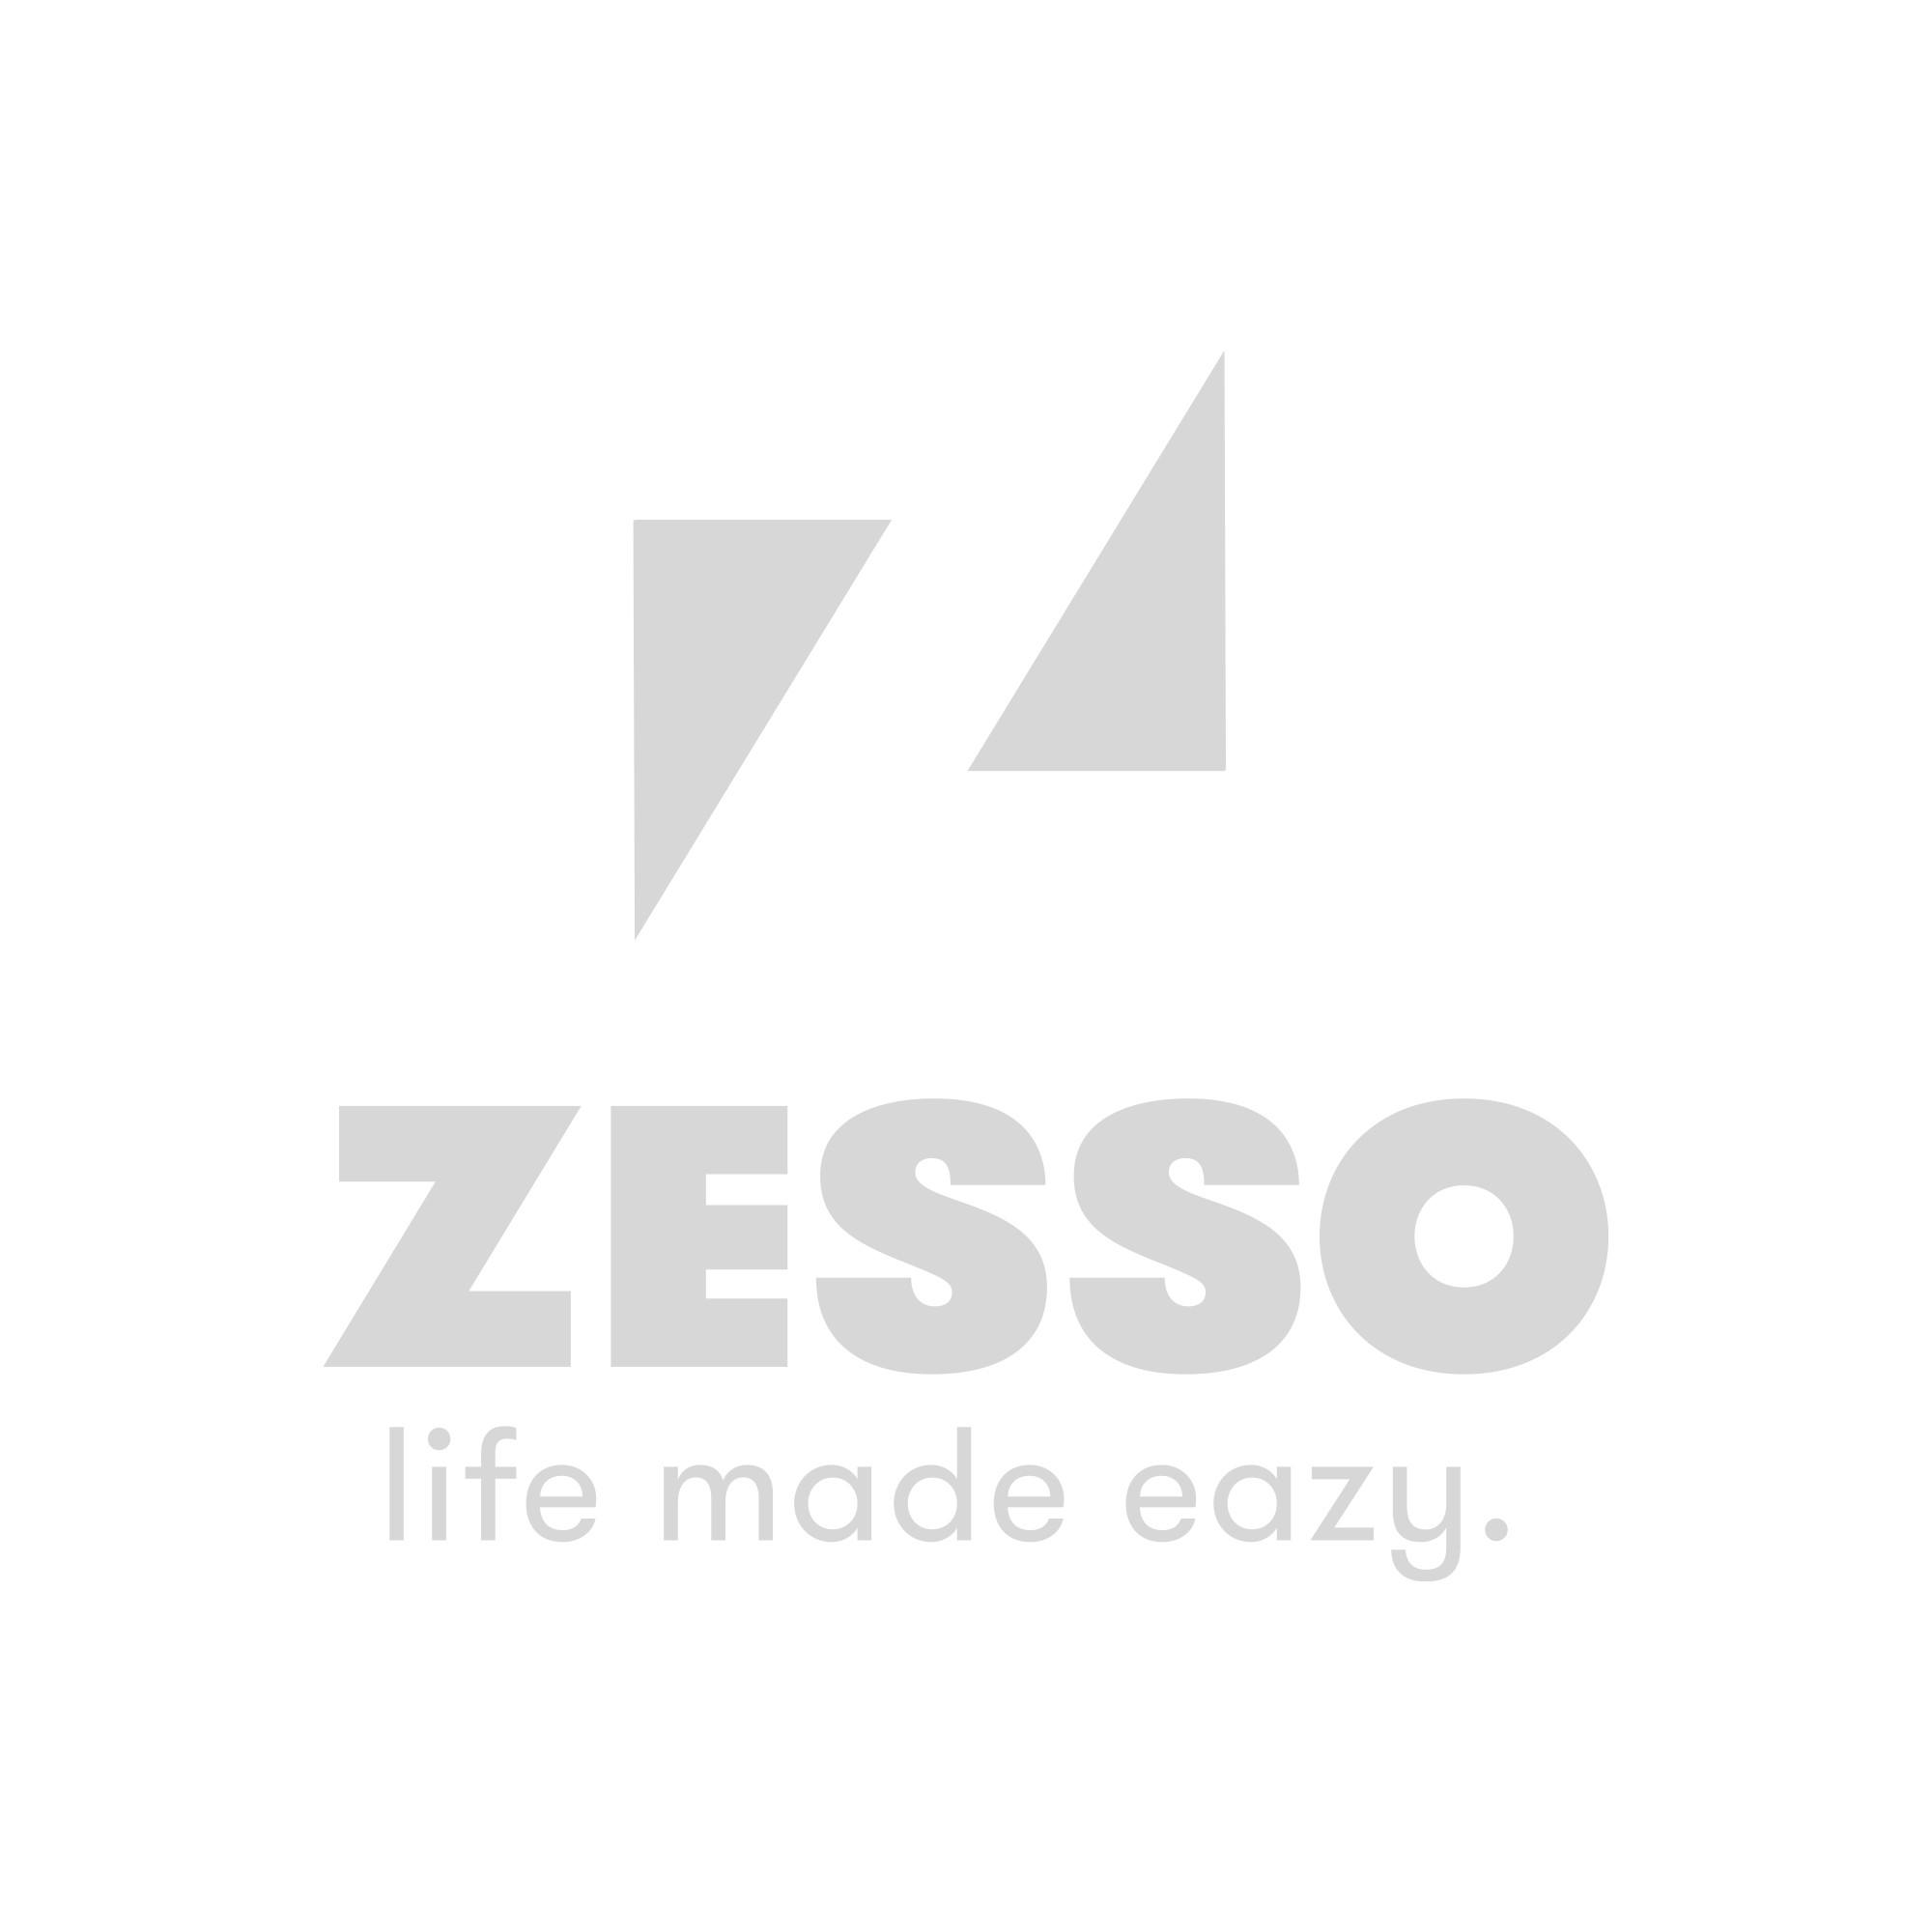 Baytex Douchegordijn Met Doucheringen EYHA306 Blauw 180 cm x 200 cm